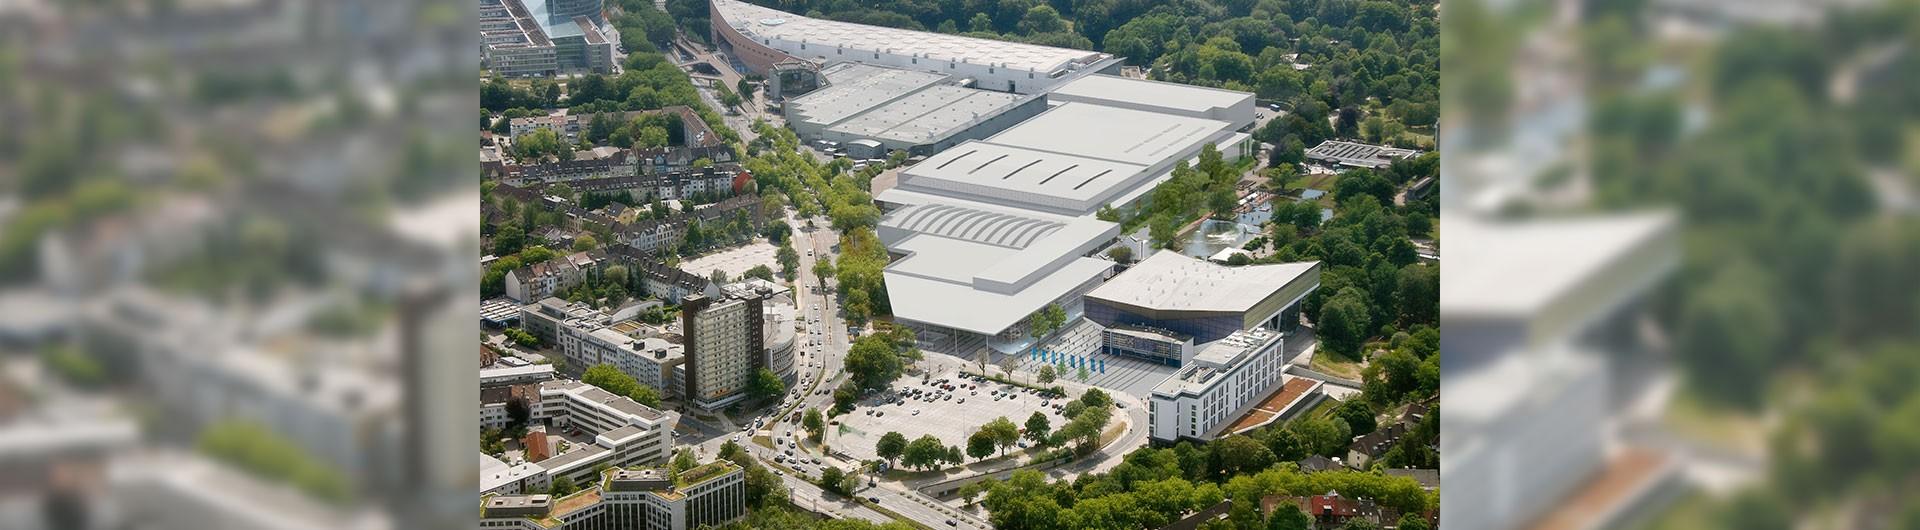 Luftbild der Neuen Messe Essen